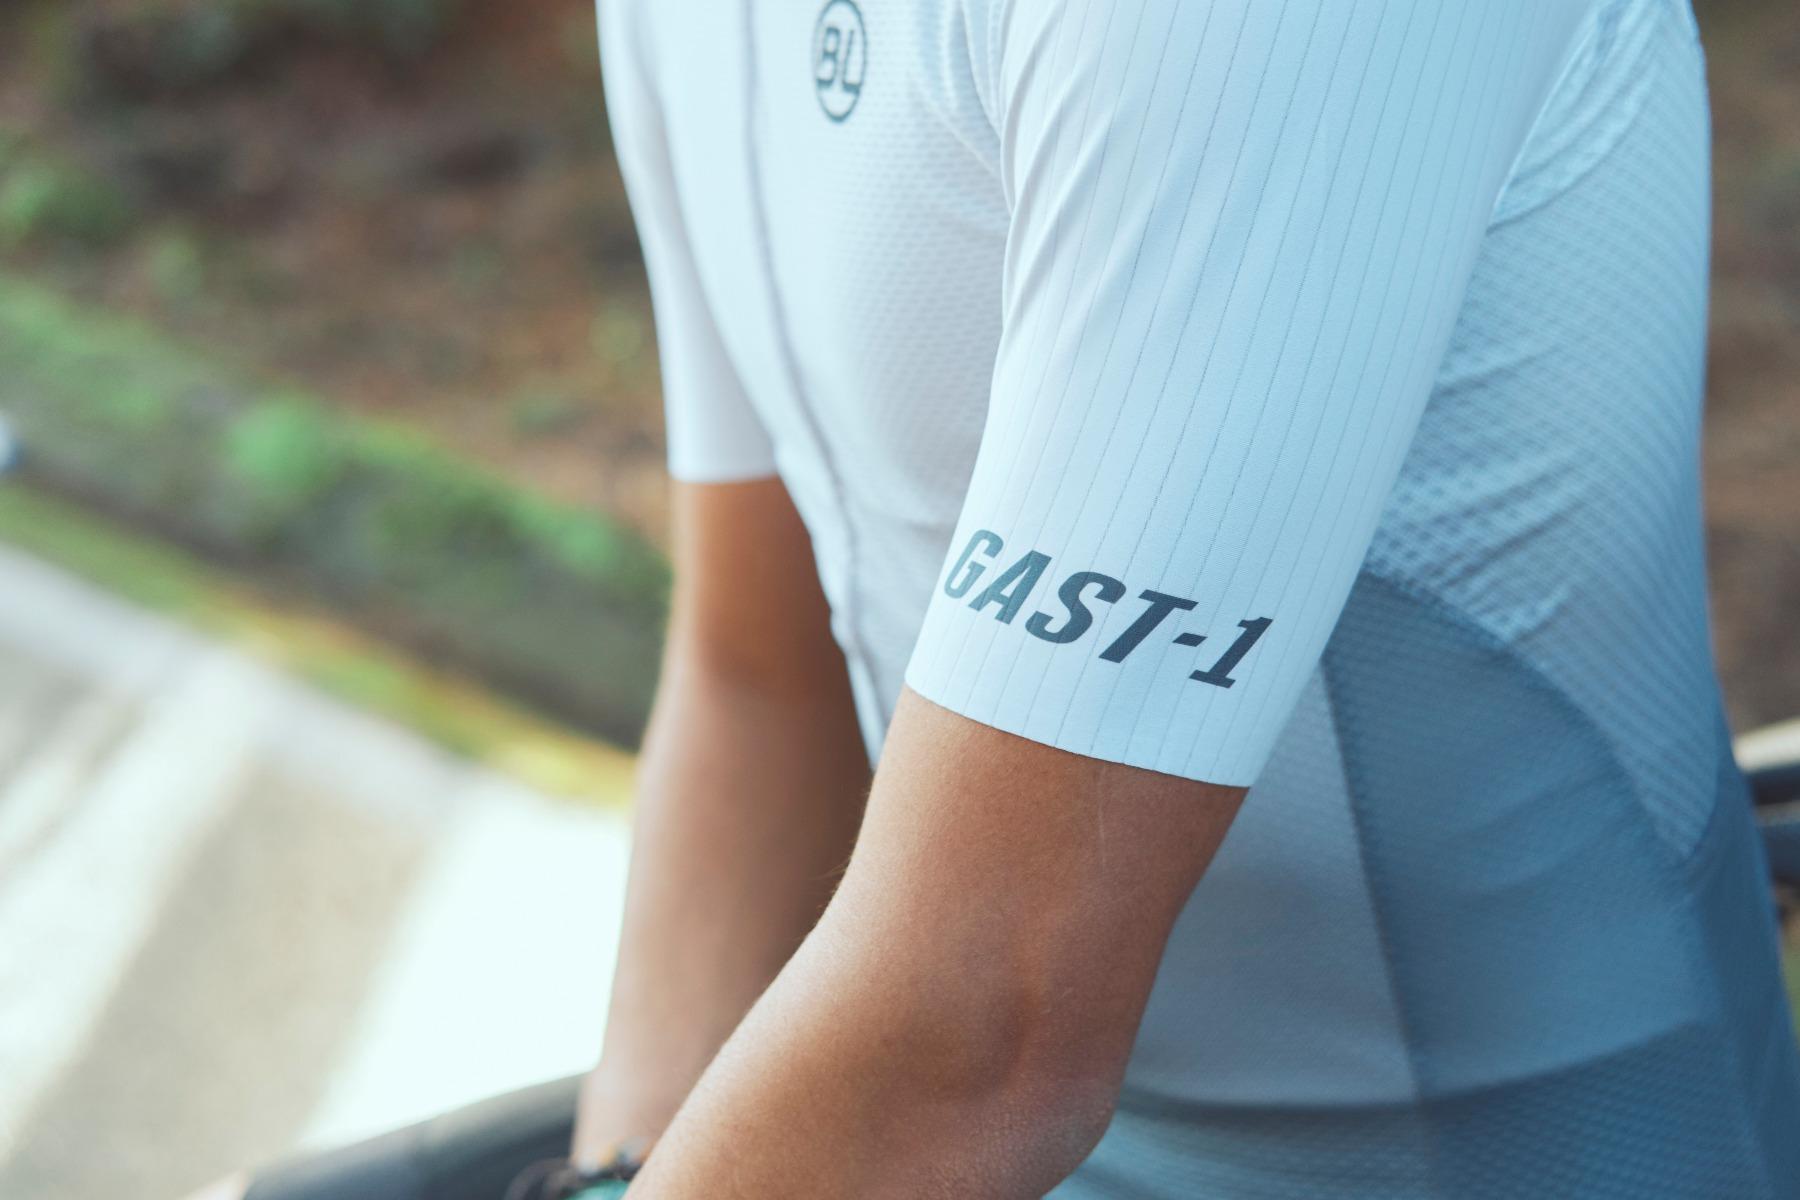 Maglia uomo ciclismo BL GAST-1